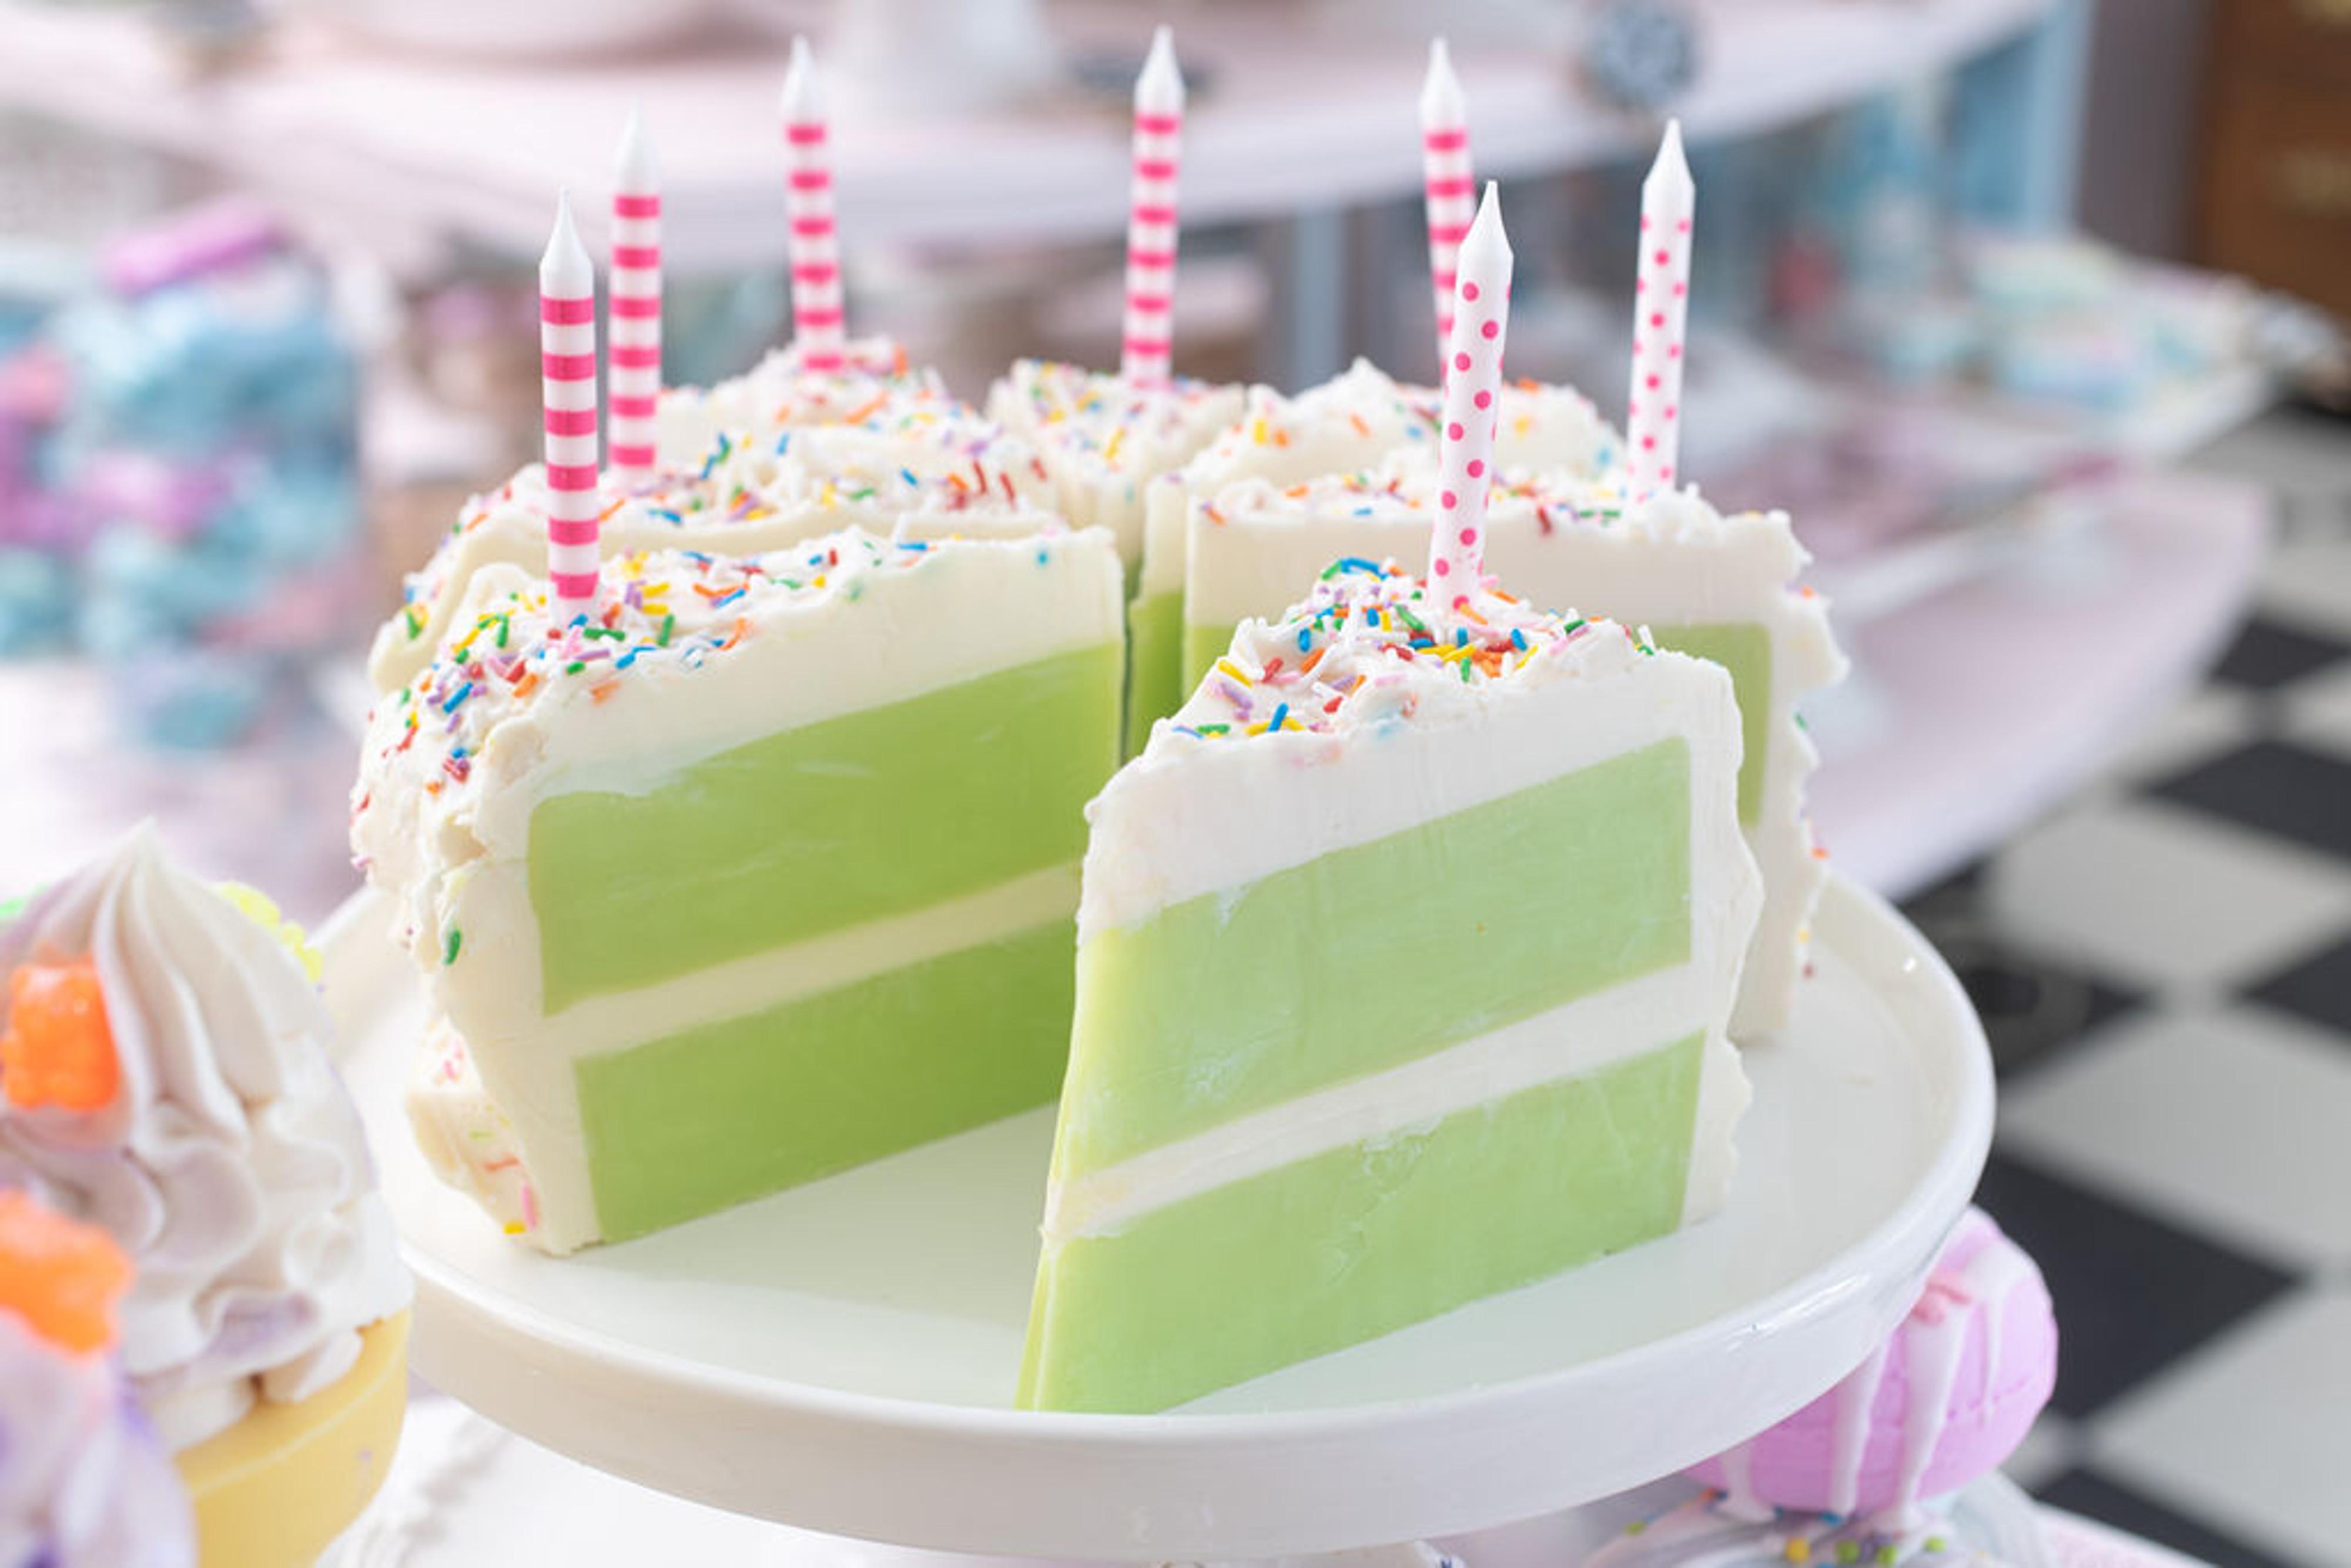 Coconut Lime Birthday Soap Cake (Slice)